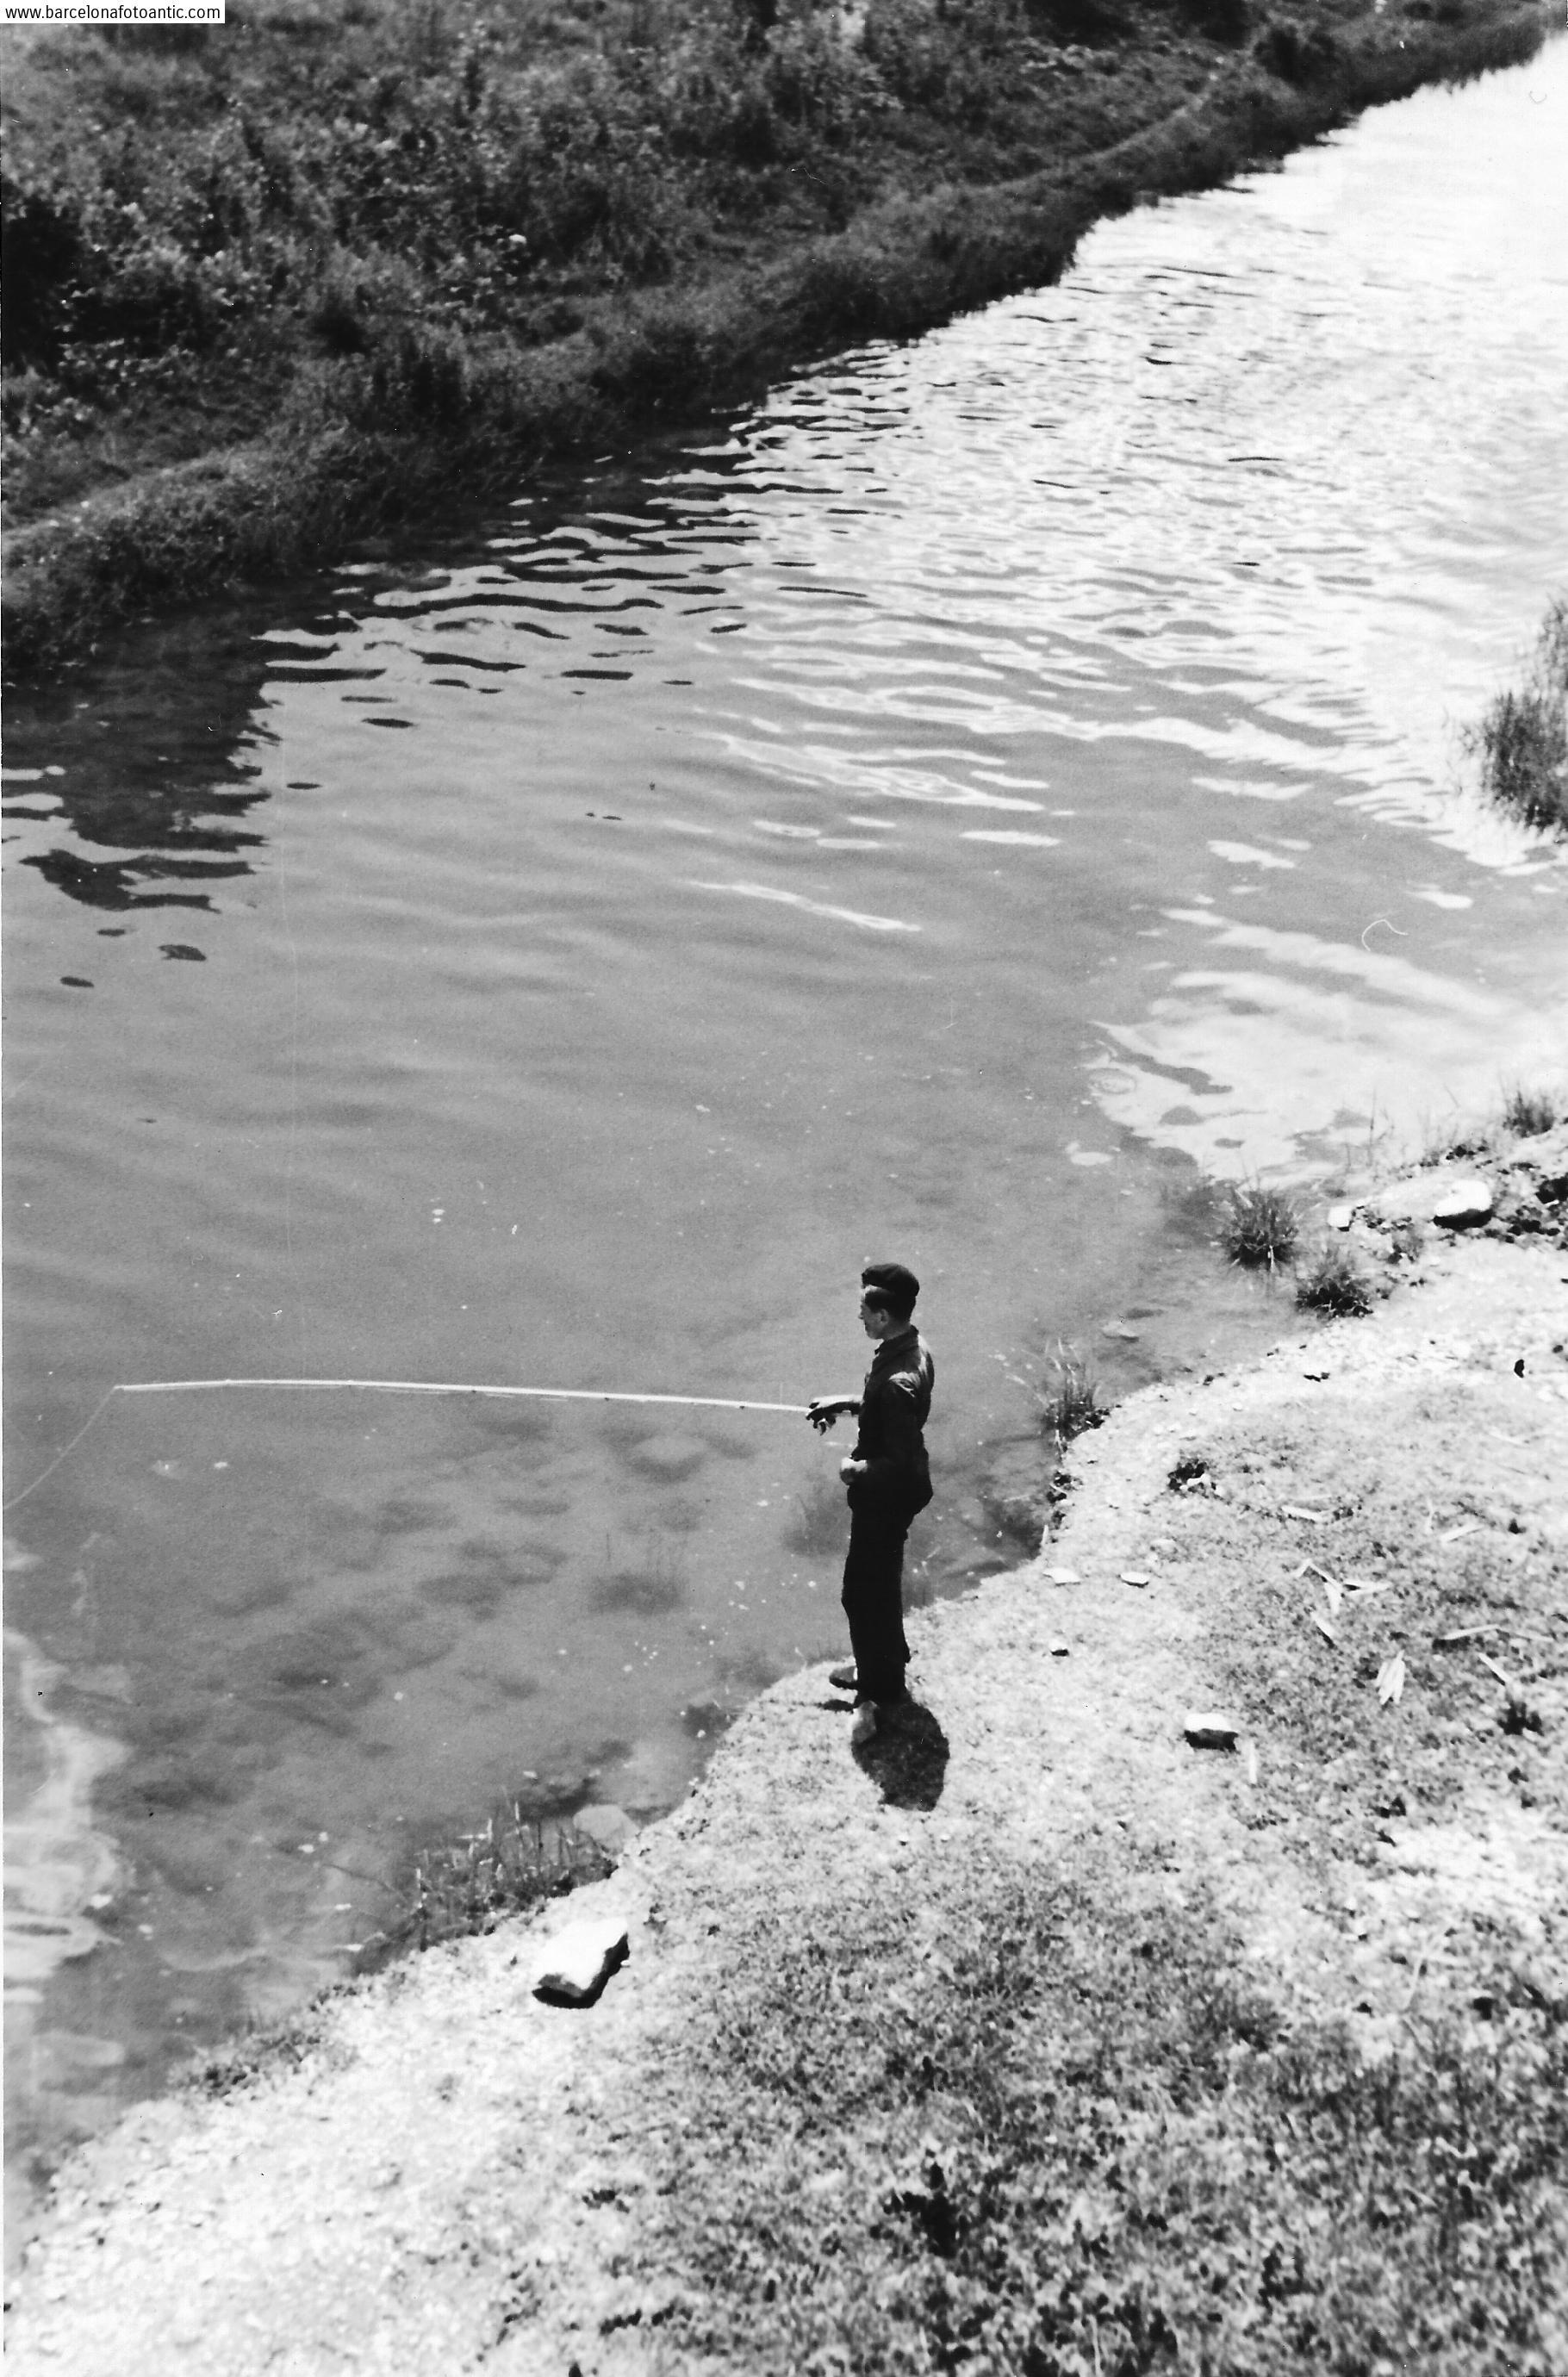 Fishing, 1940